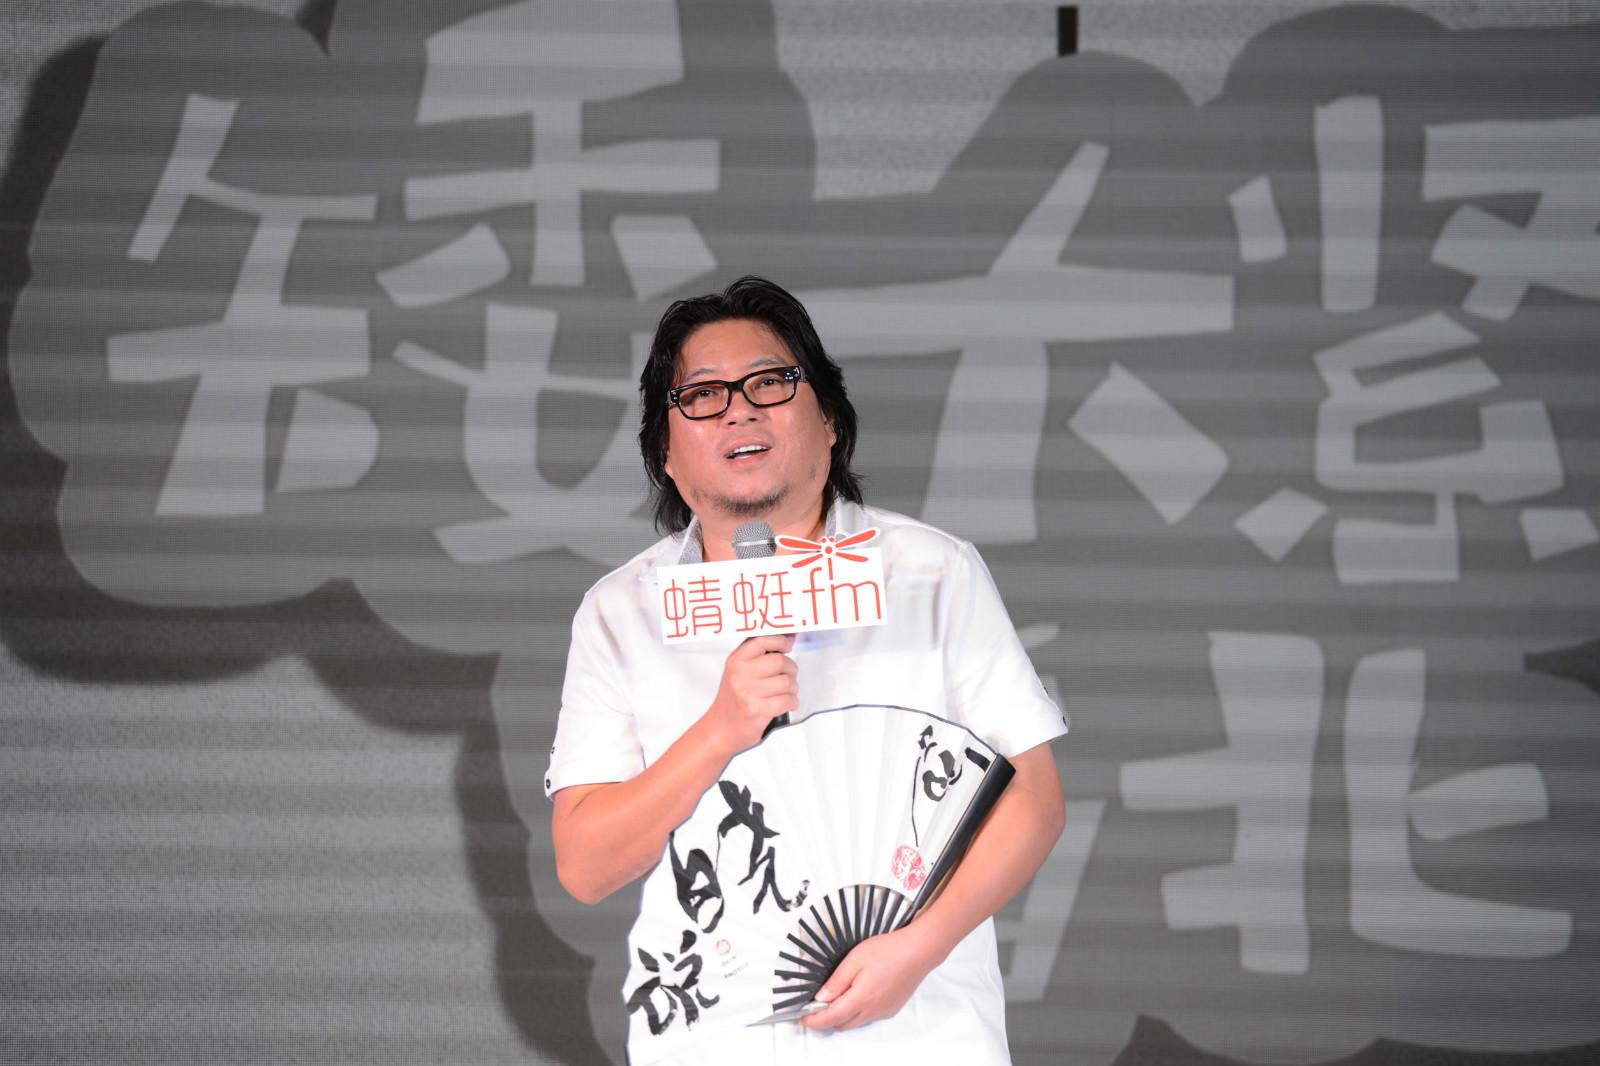 高晓松在蜻蜓 FM 发布会上